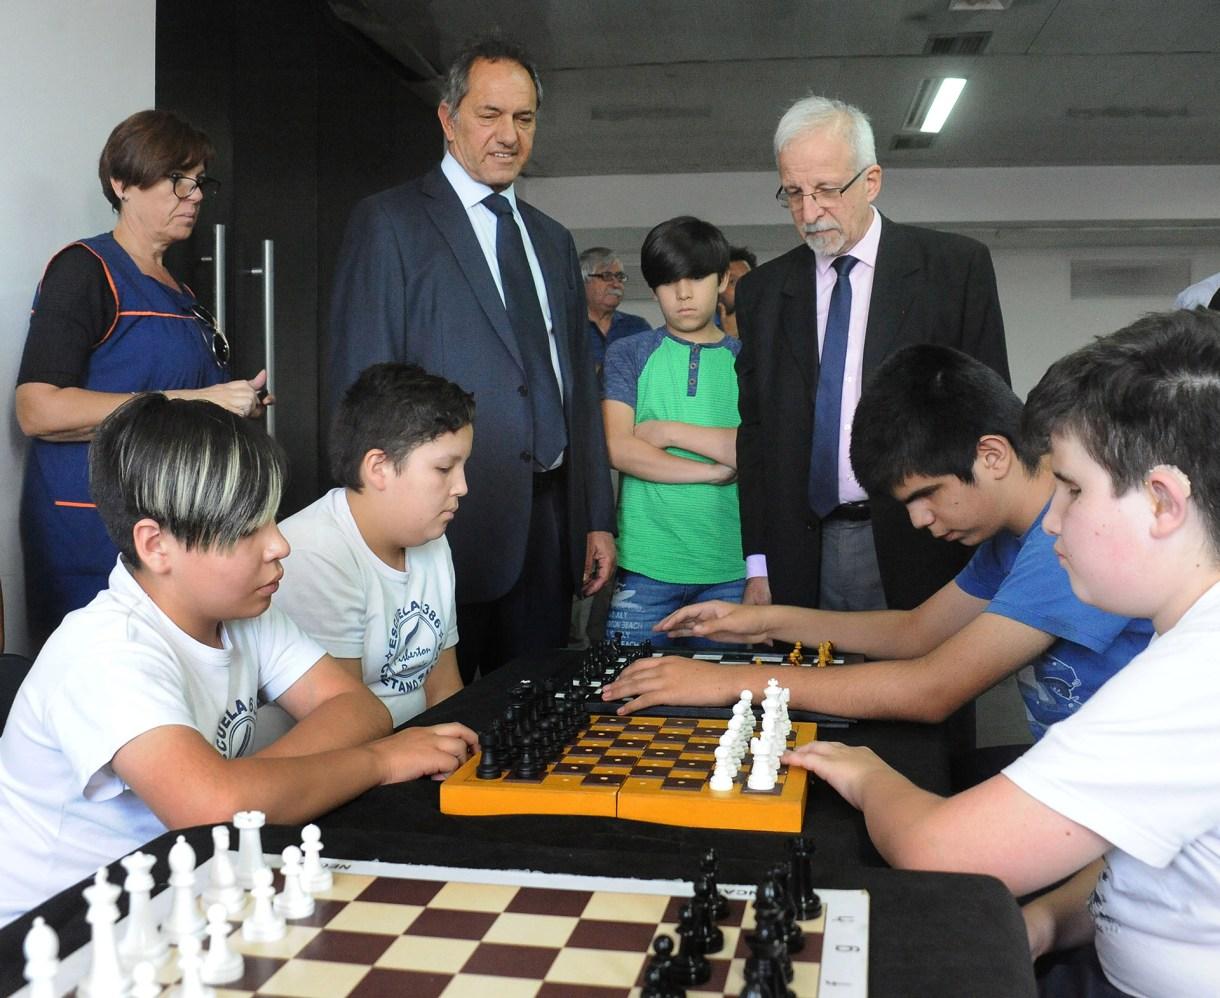 El ex gobernador de la provincia de Buenos Aires, Daniel Scioli, promovió la charla de Leontxo García en el Centro Cultural Fontanarrosa, en Rosario